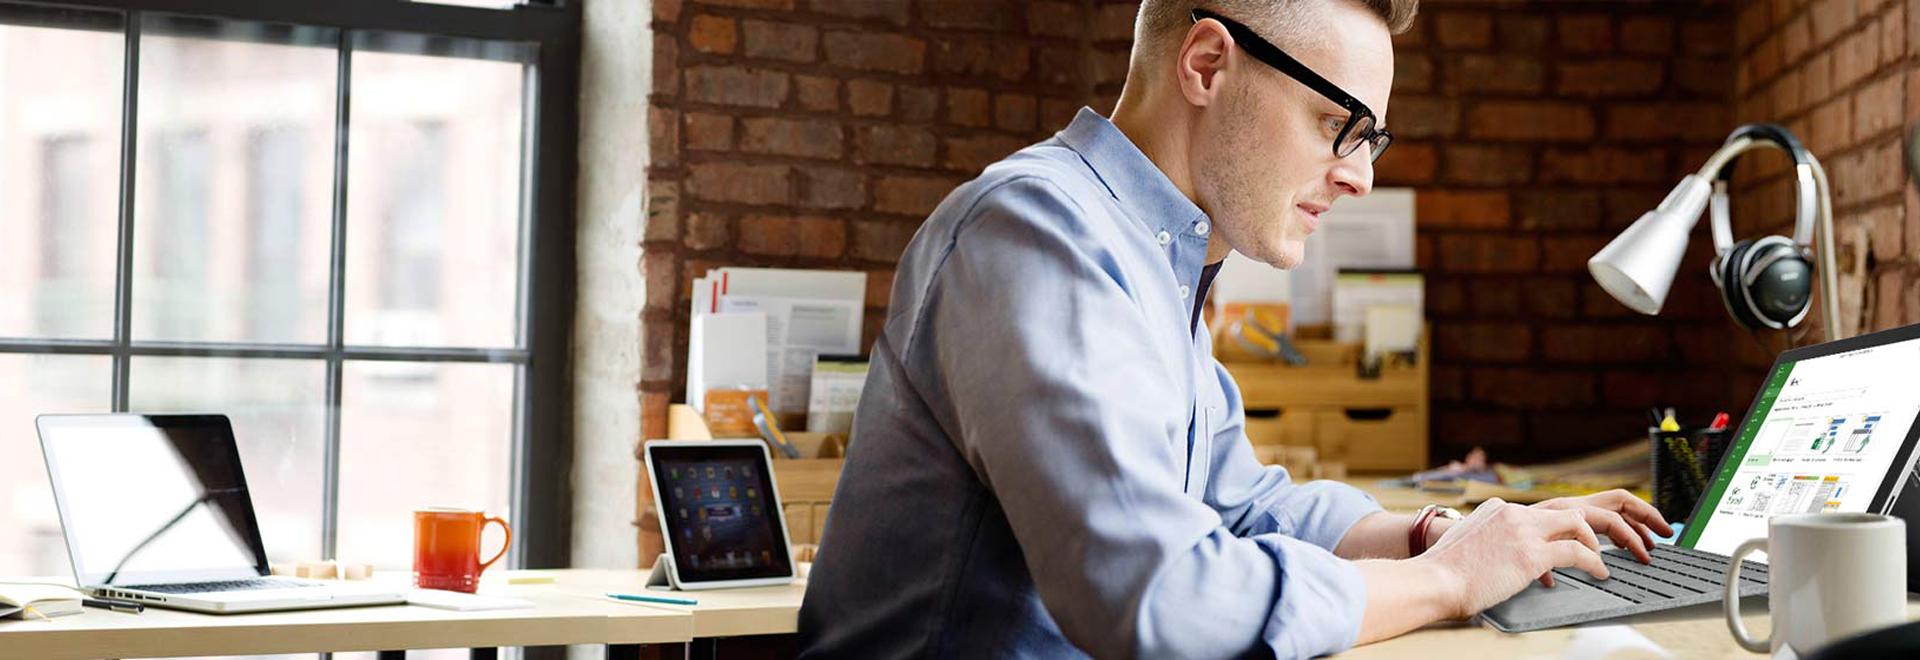 Un bărbat stând la birou și lucrând la o tabletă Surface, utilizând Microsoft Project.